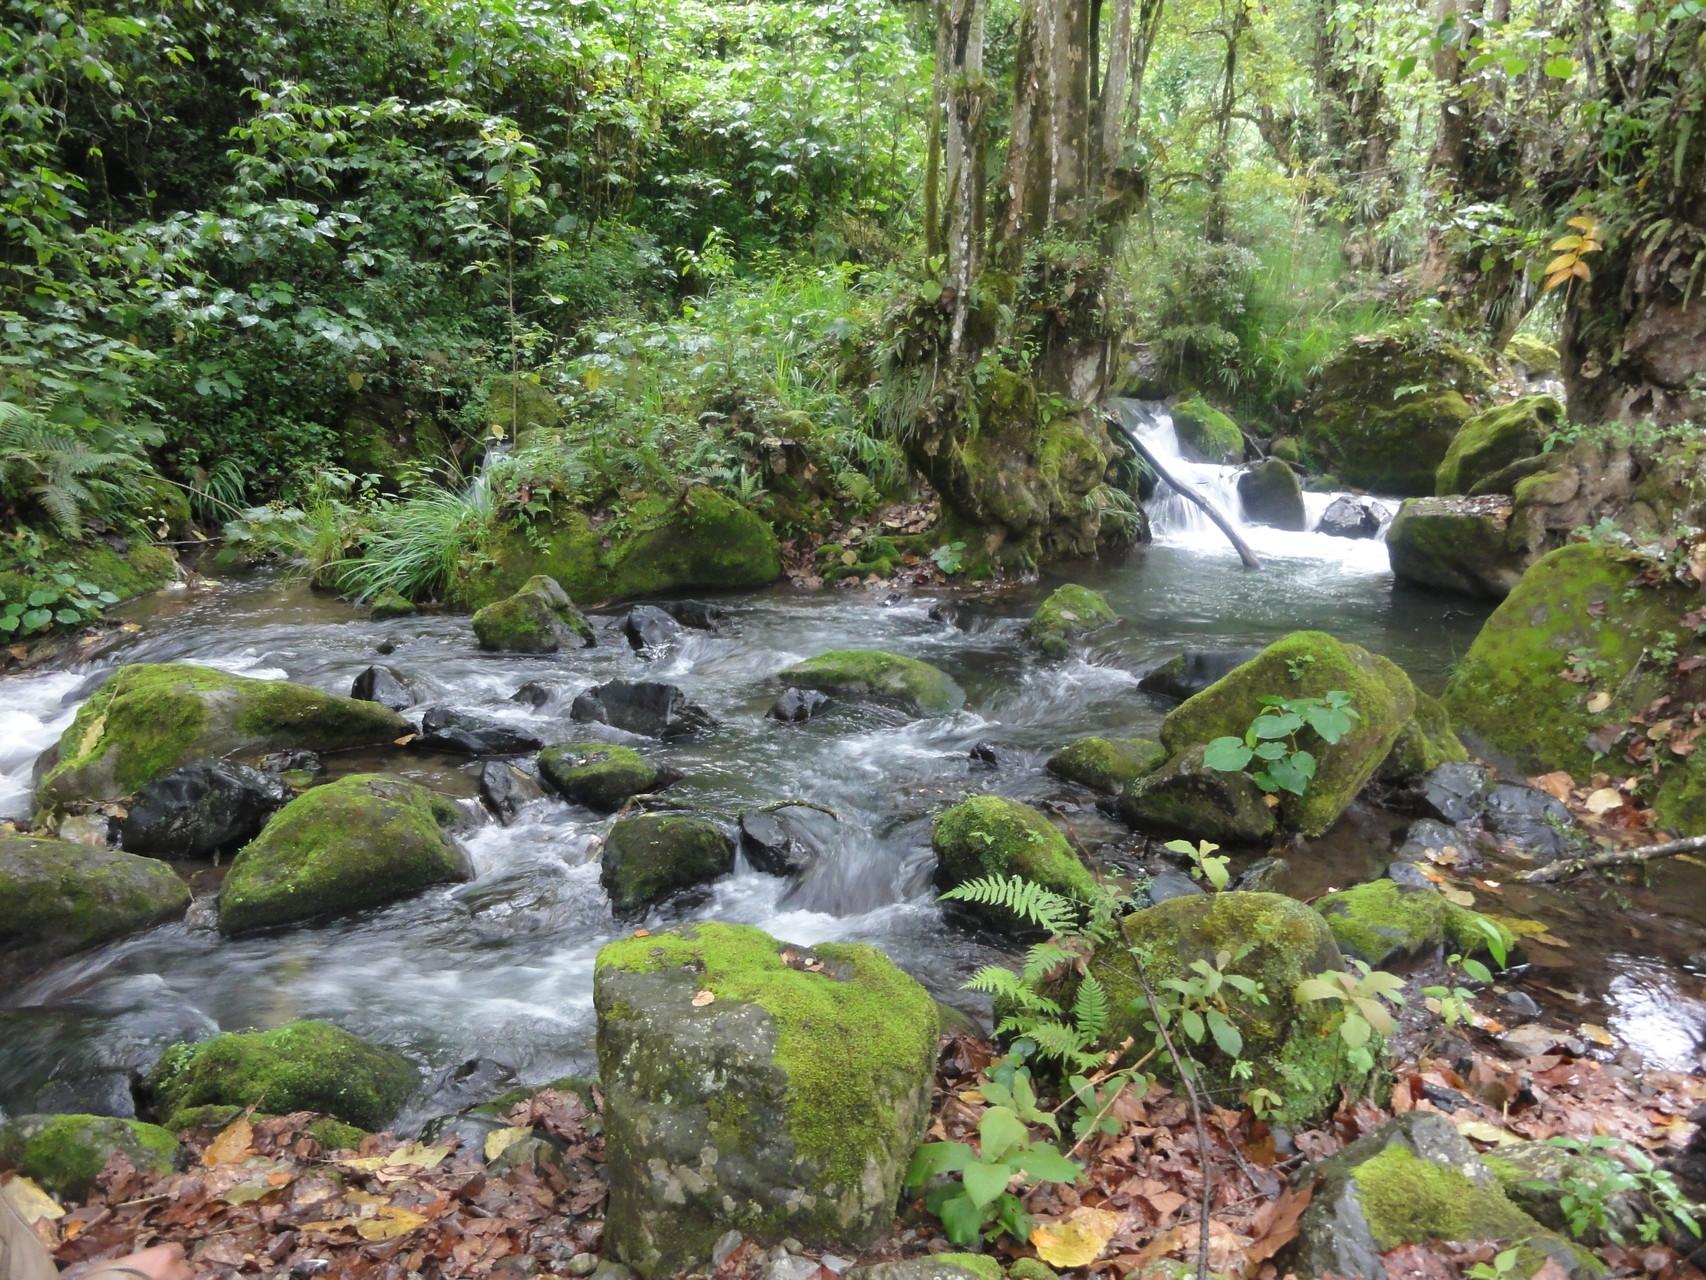 y el río de San Lorenzo con su belleza incomparable...